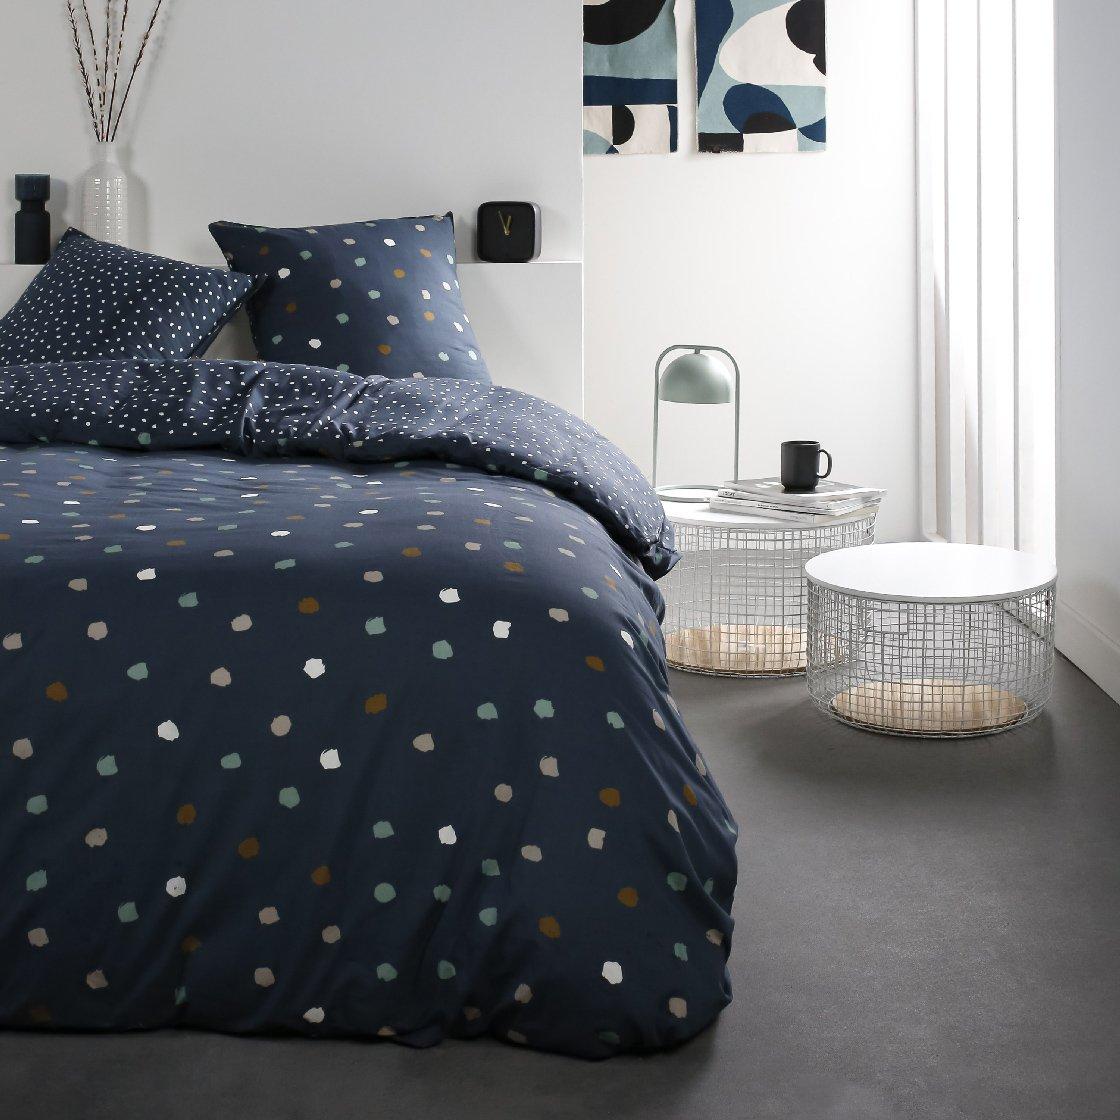 Parure de lit 2 personnes imprimé a pois en Coton Bleu 240x260 cm